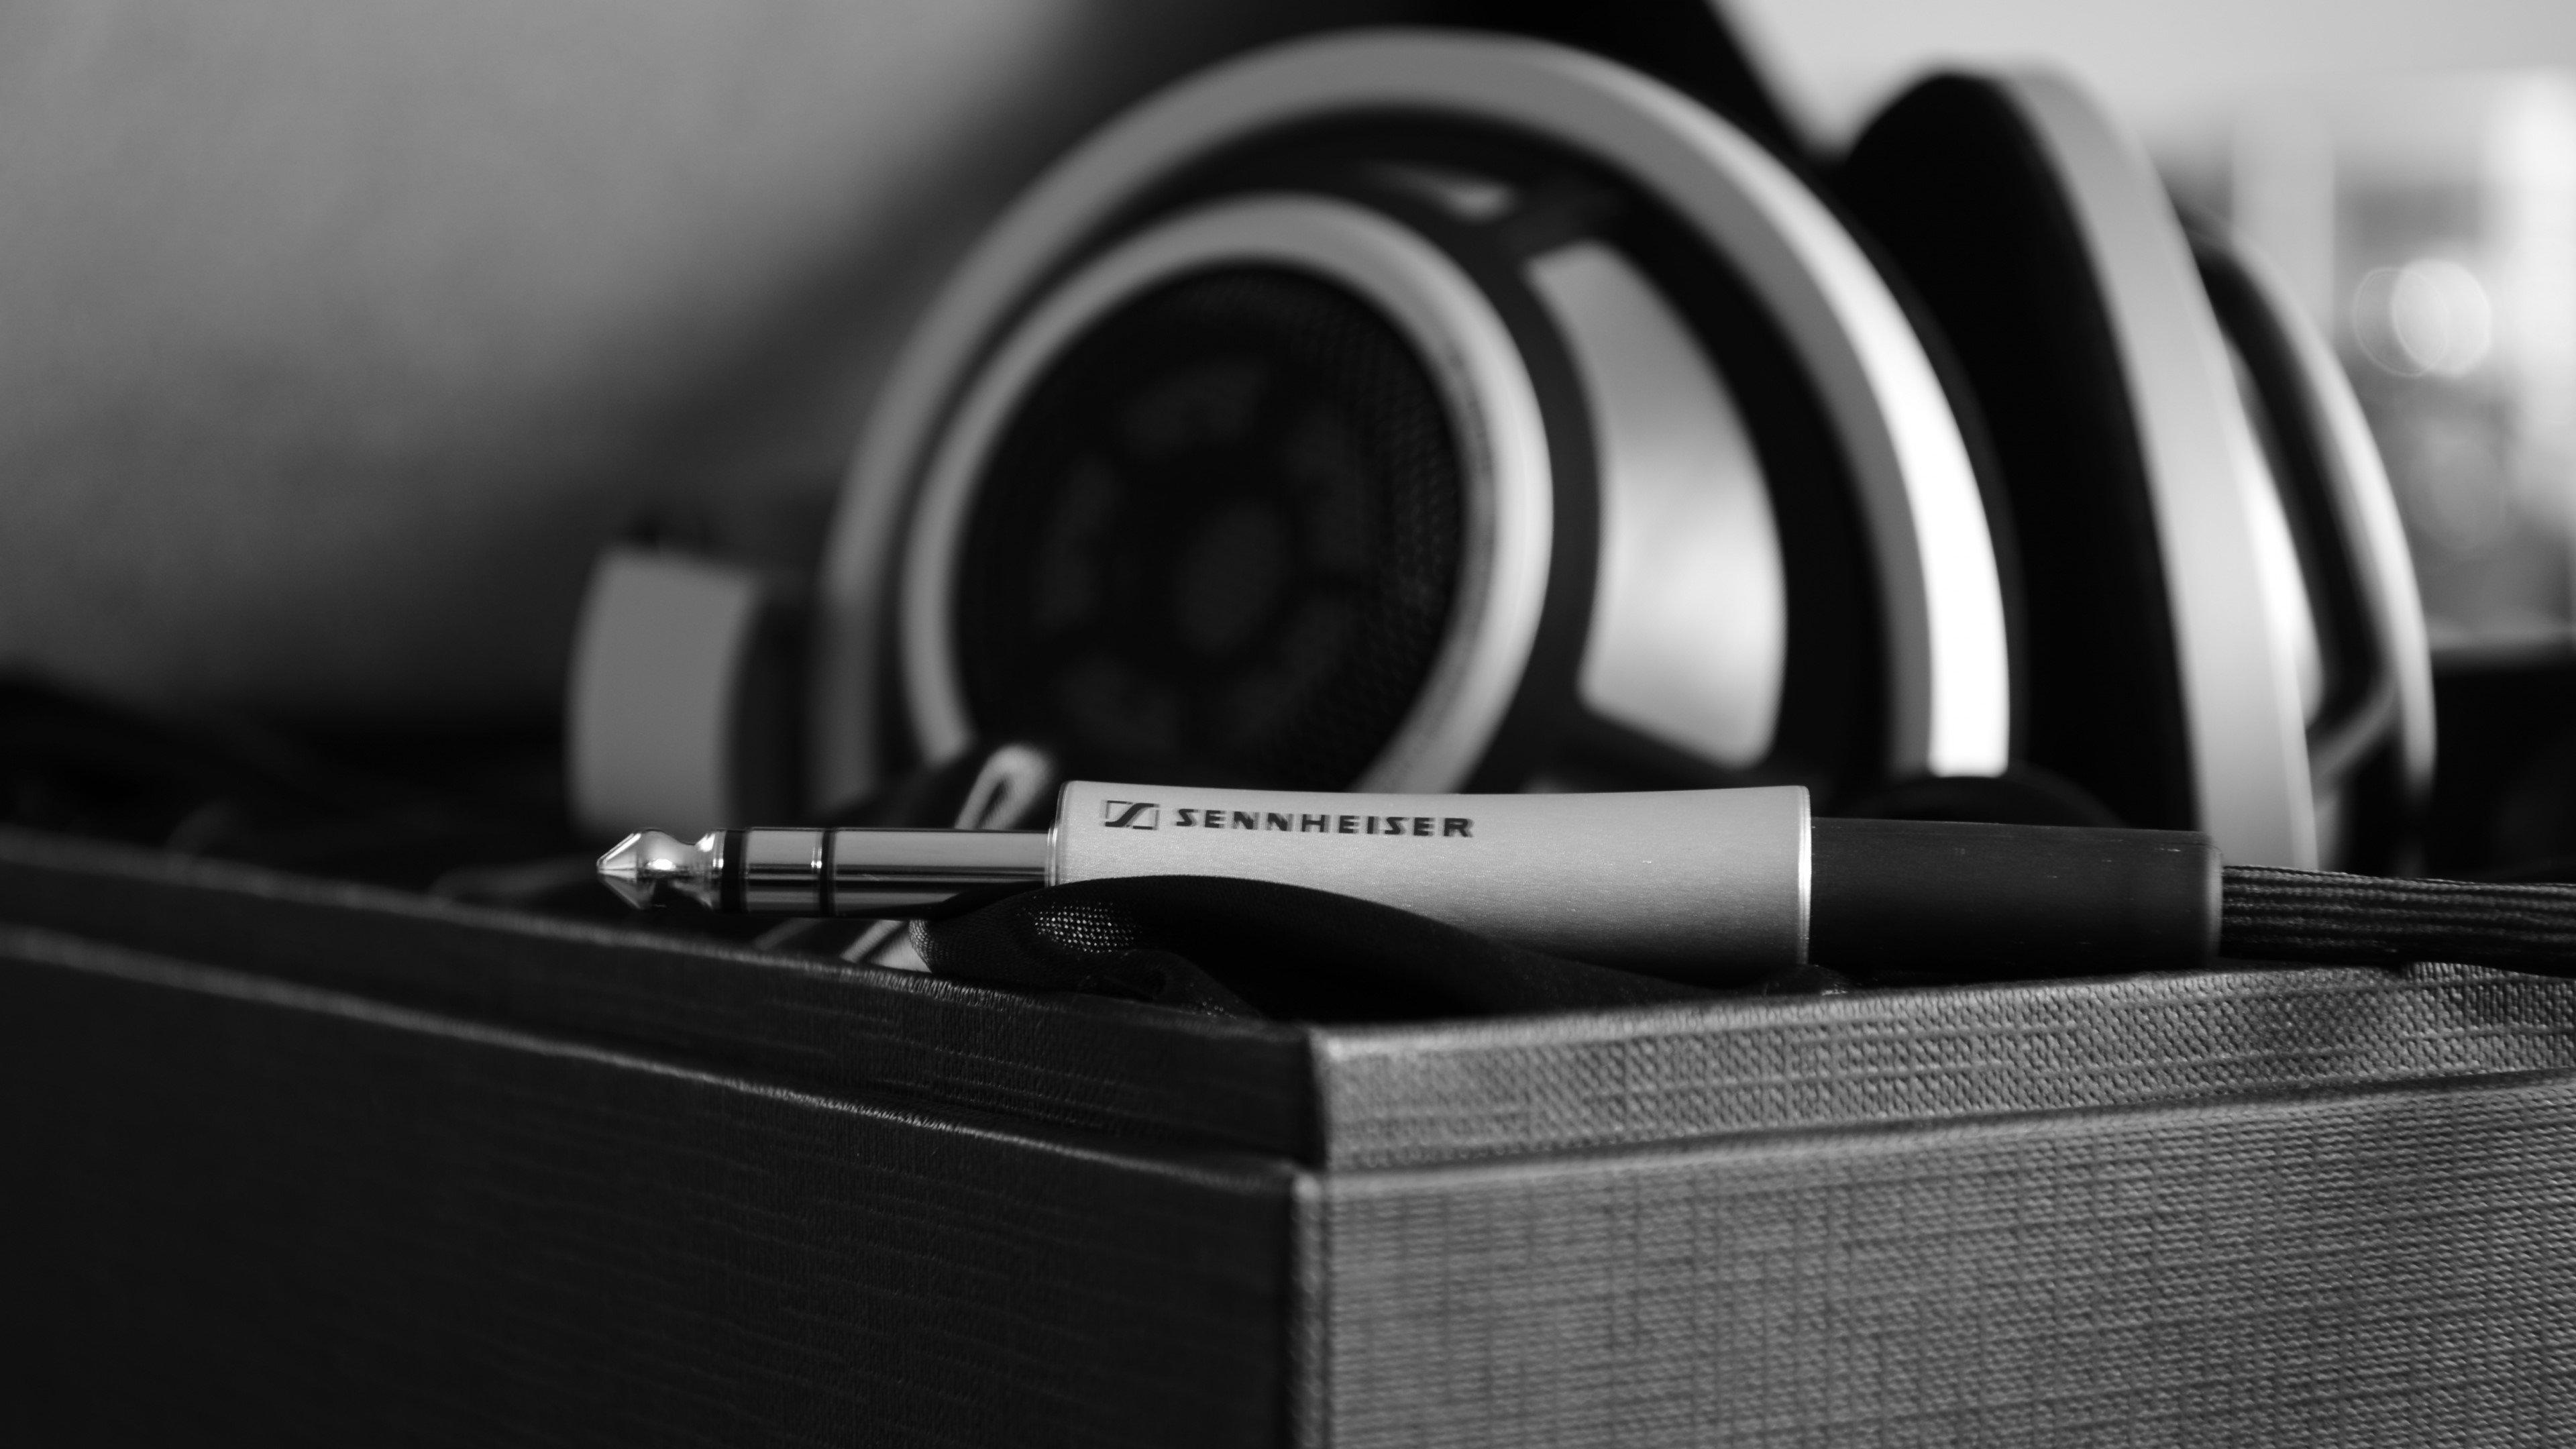 Wallpaper Sennheiser headphones